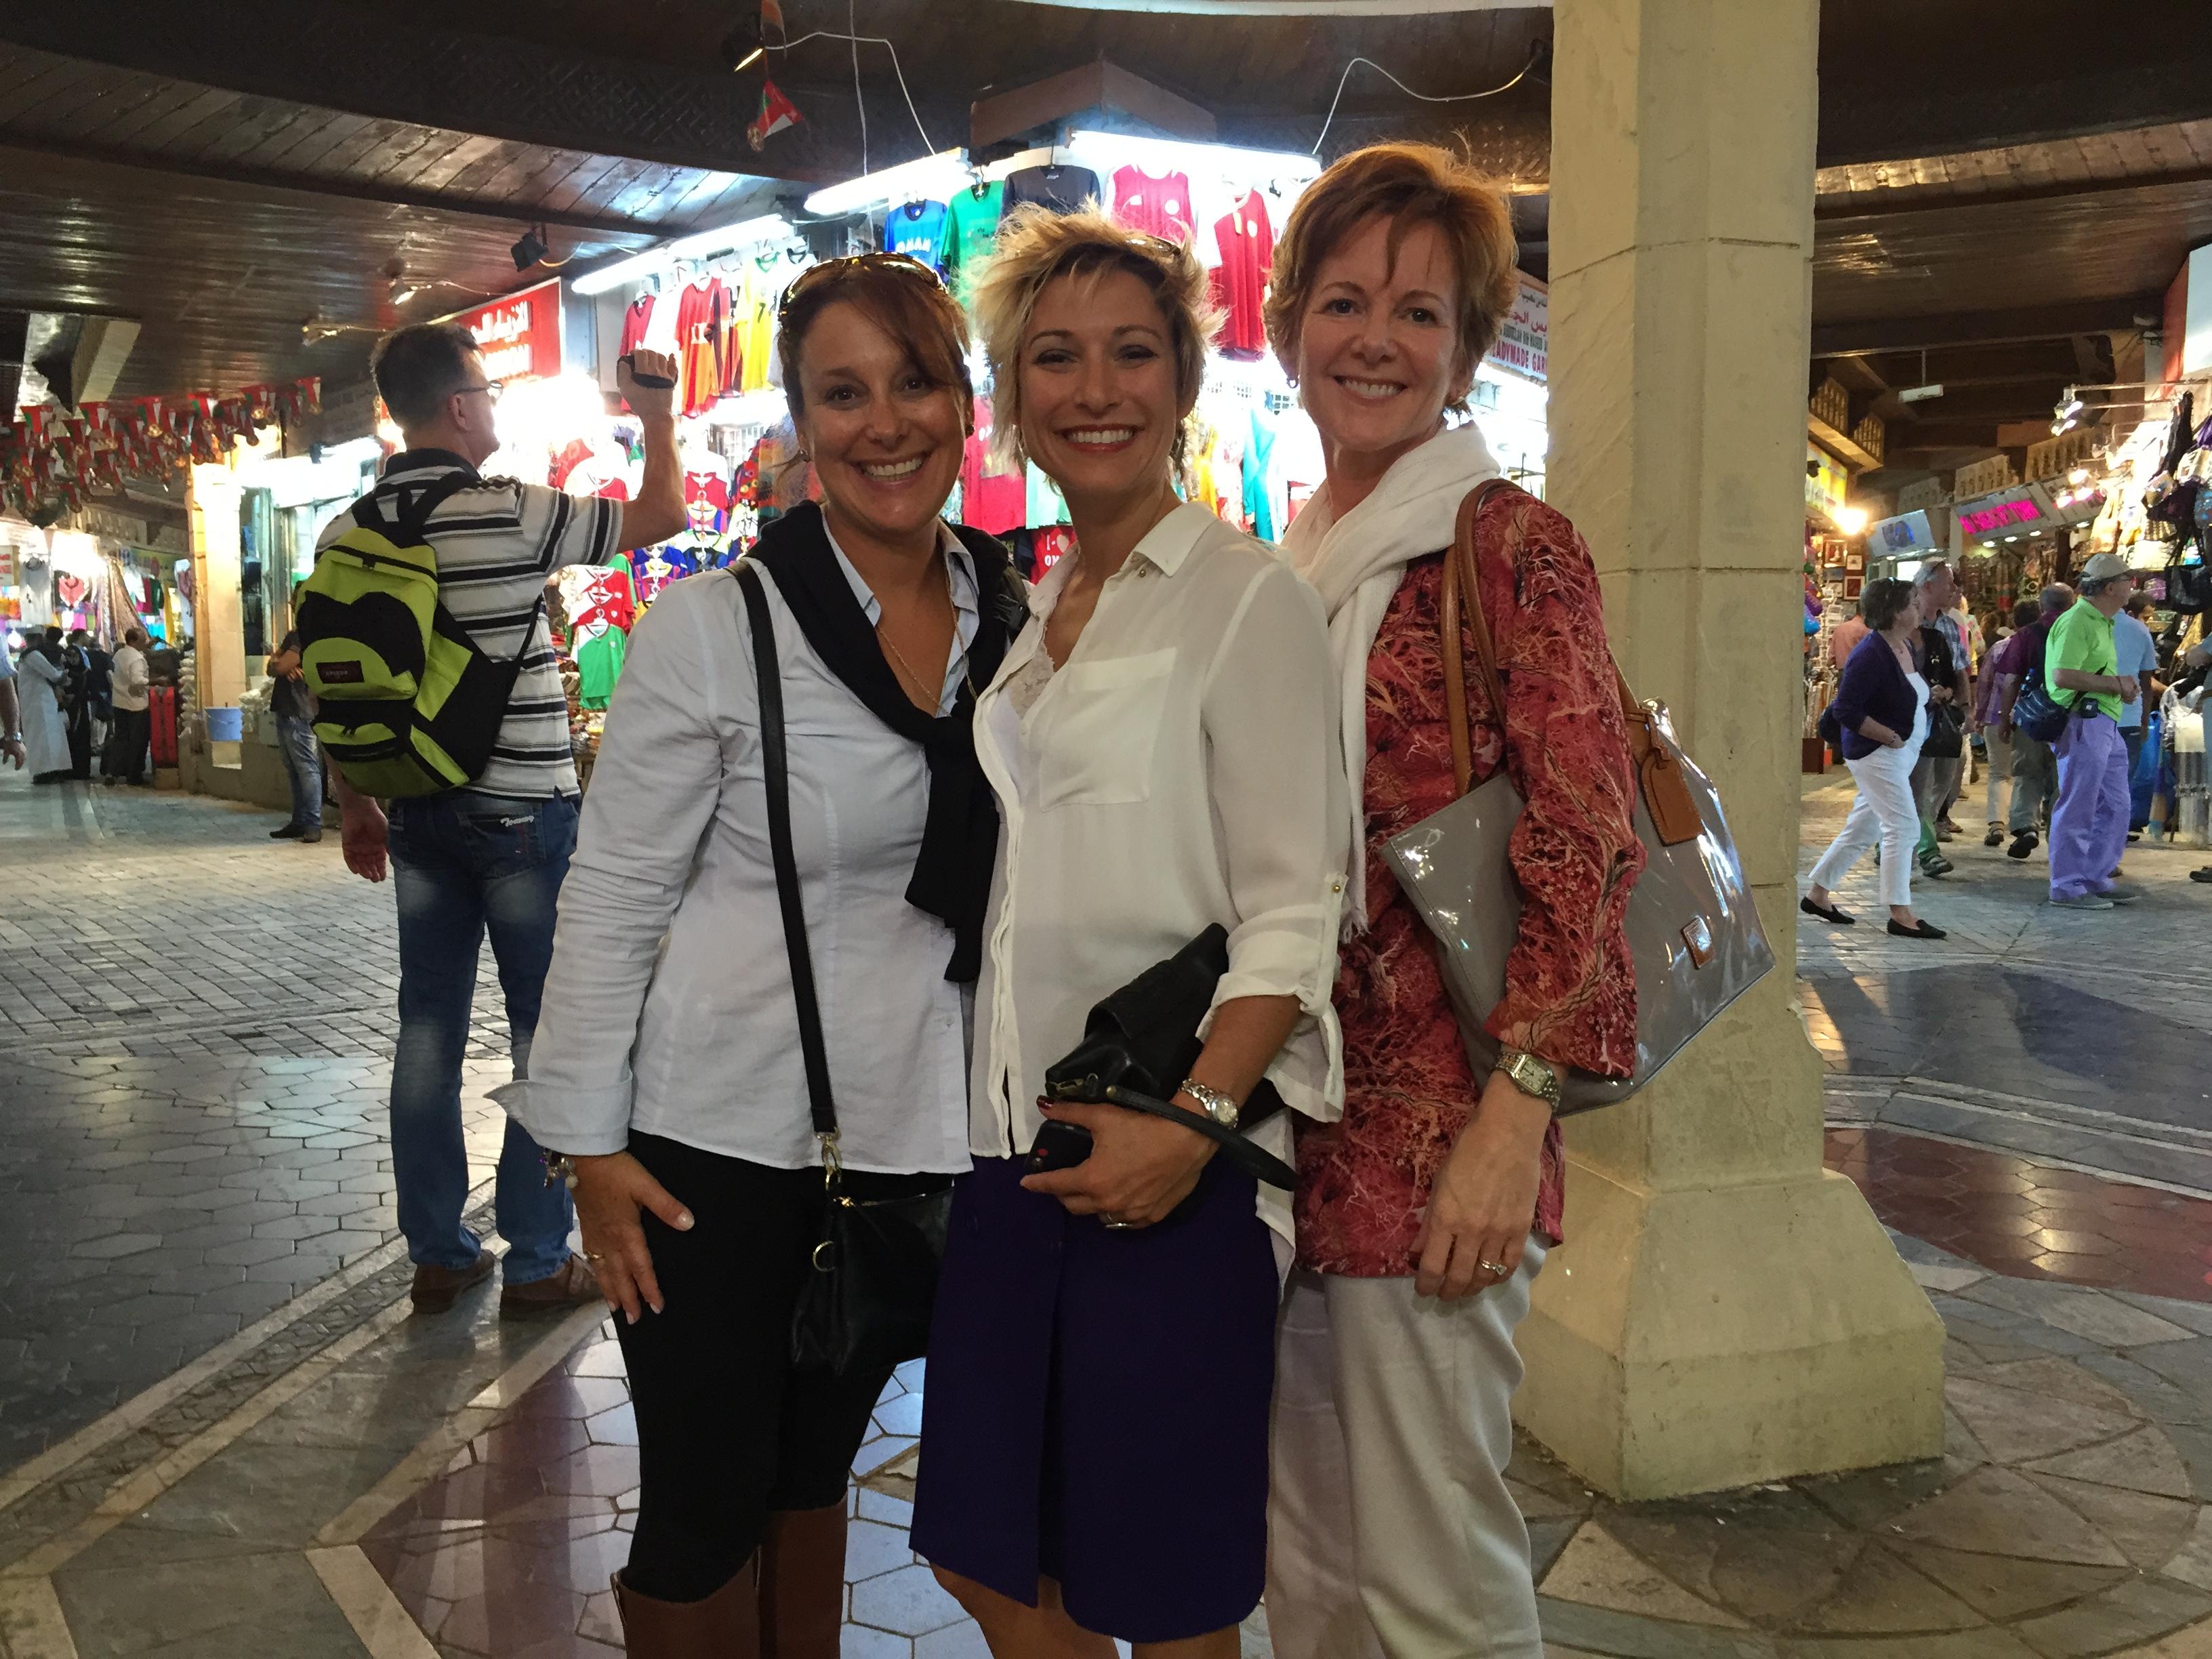 Denise, Melissa & Leslie inside the Oman souq